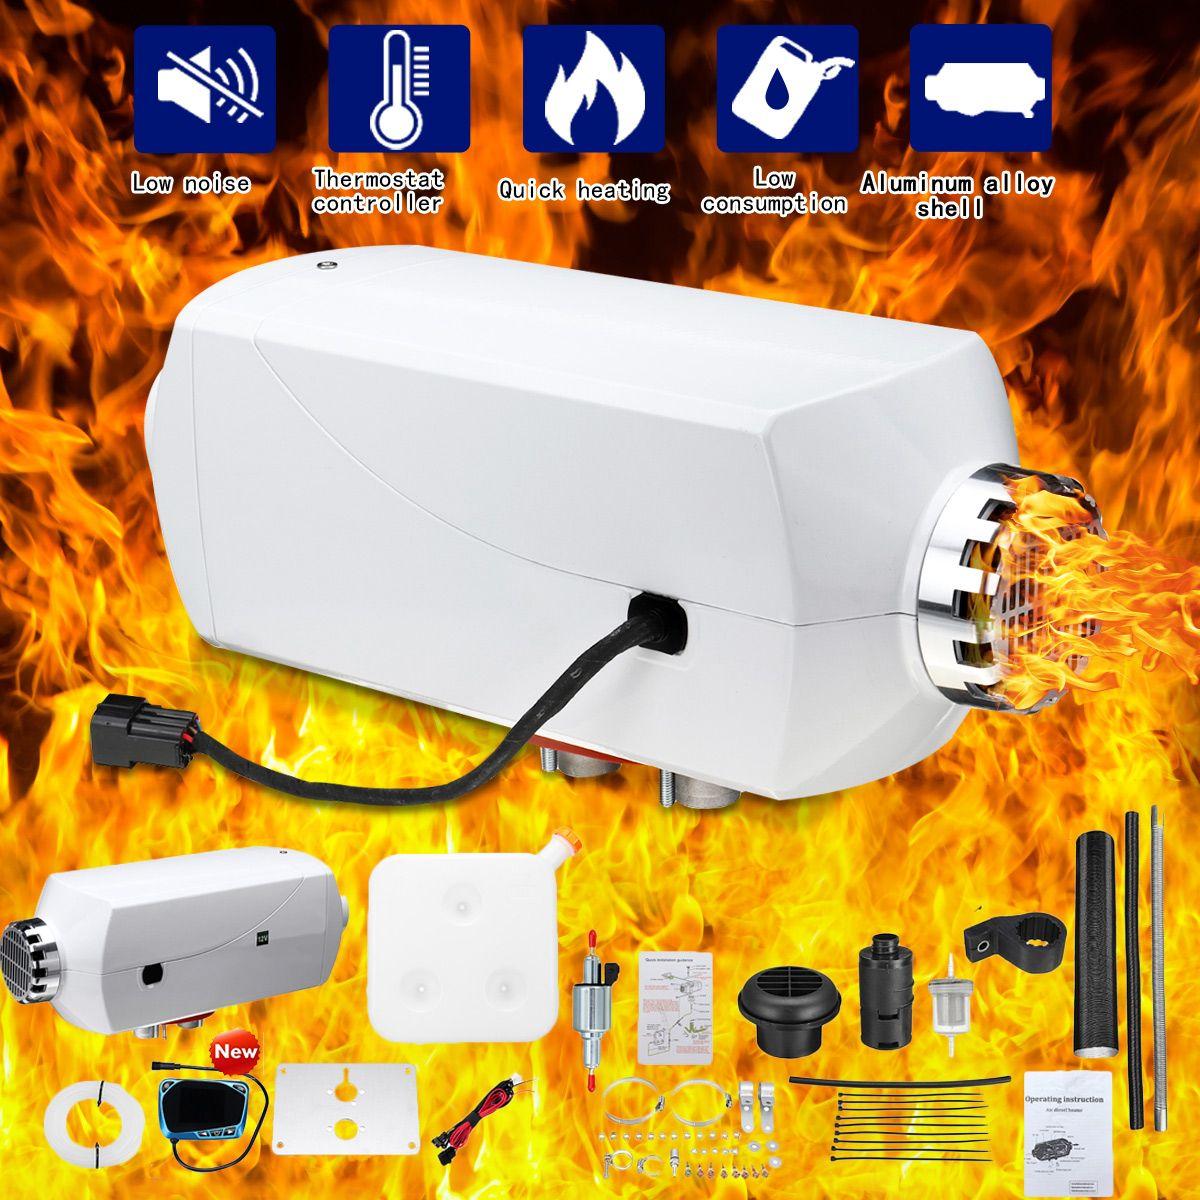 12 v 5000 watt Metall Auto Diesels Air Standheizung LCD Monitor/Plateau Version Thermostat Schalldämpfer Lkw Boot RV wohnmobil Anhänger